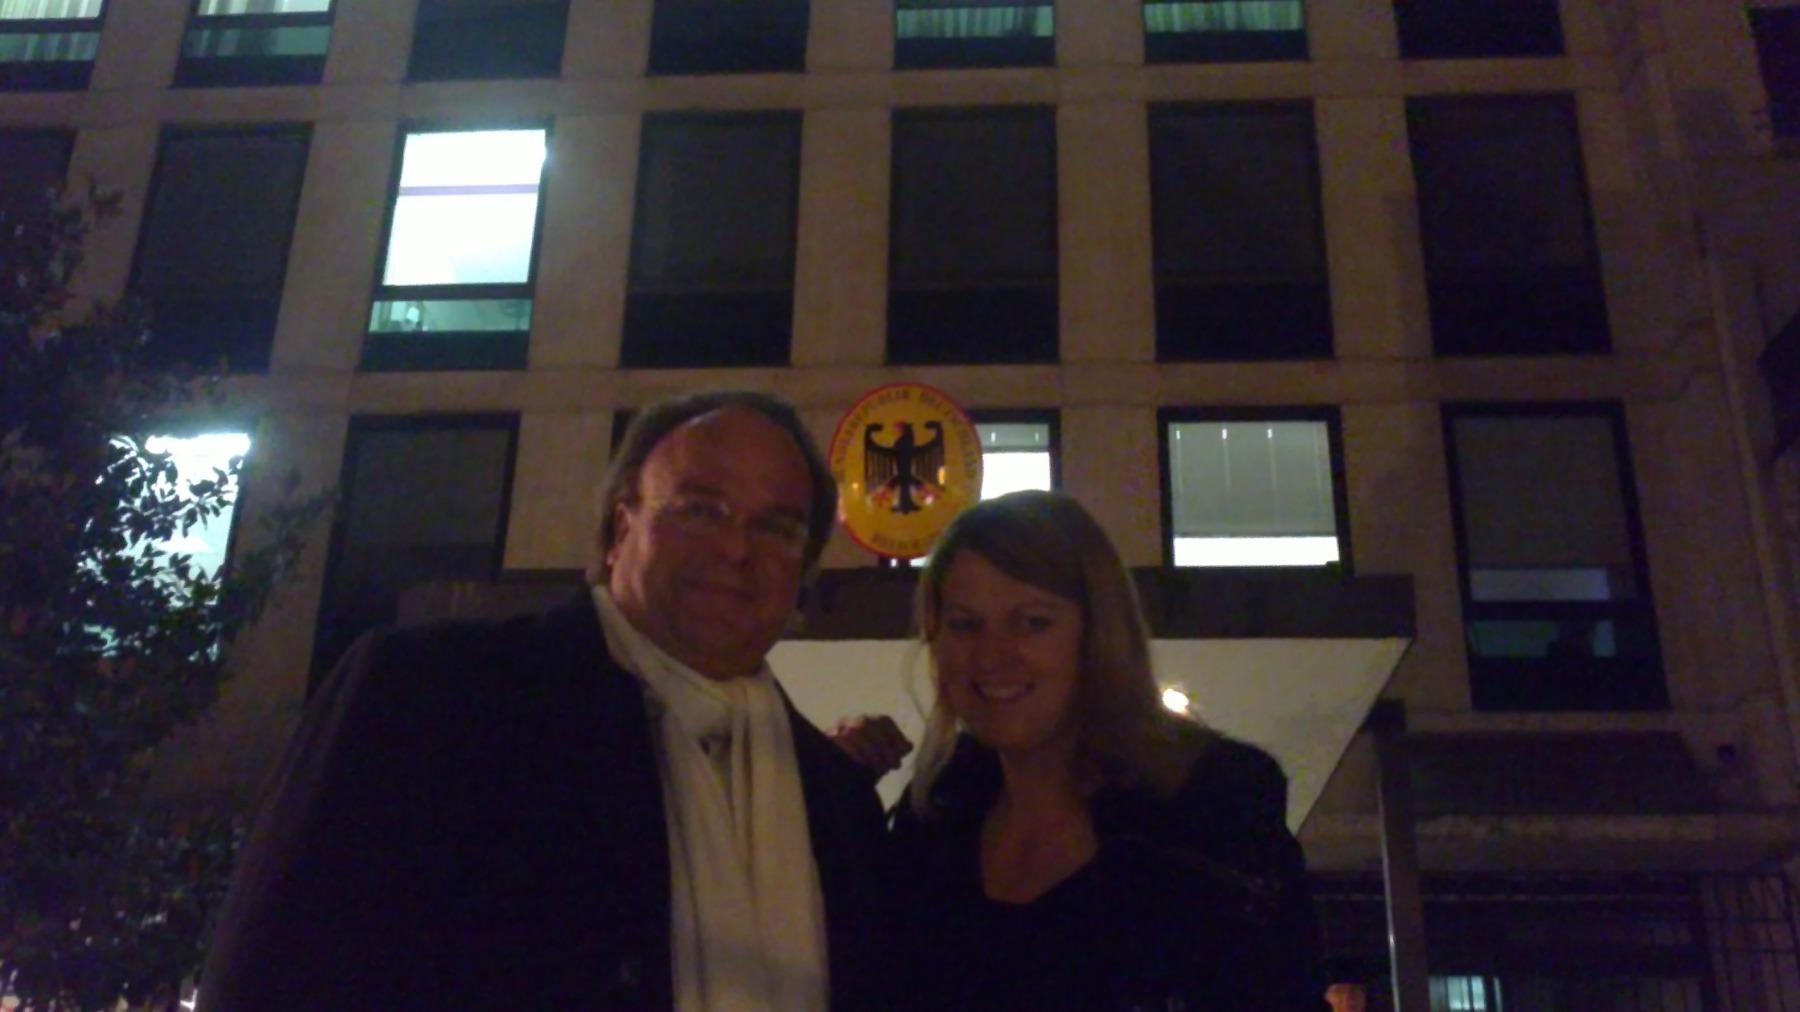 Weihnachtskonzert in der Deutschen Botschaft Paris im Dezember 2012, KS Martin Petzold mit einer Mitarbeiterin der Deutschen Botschaft